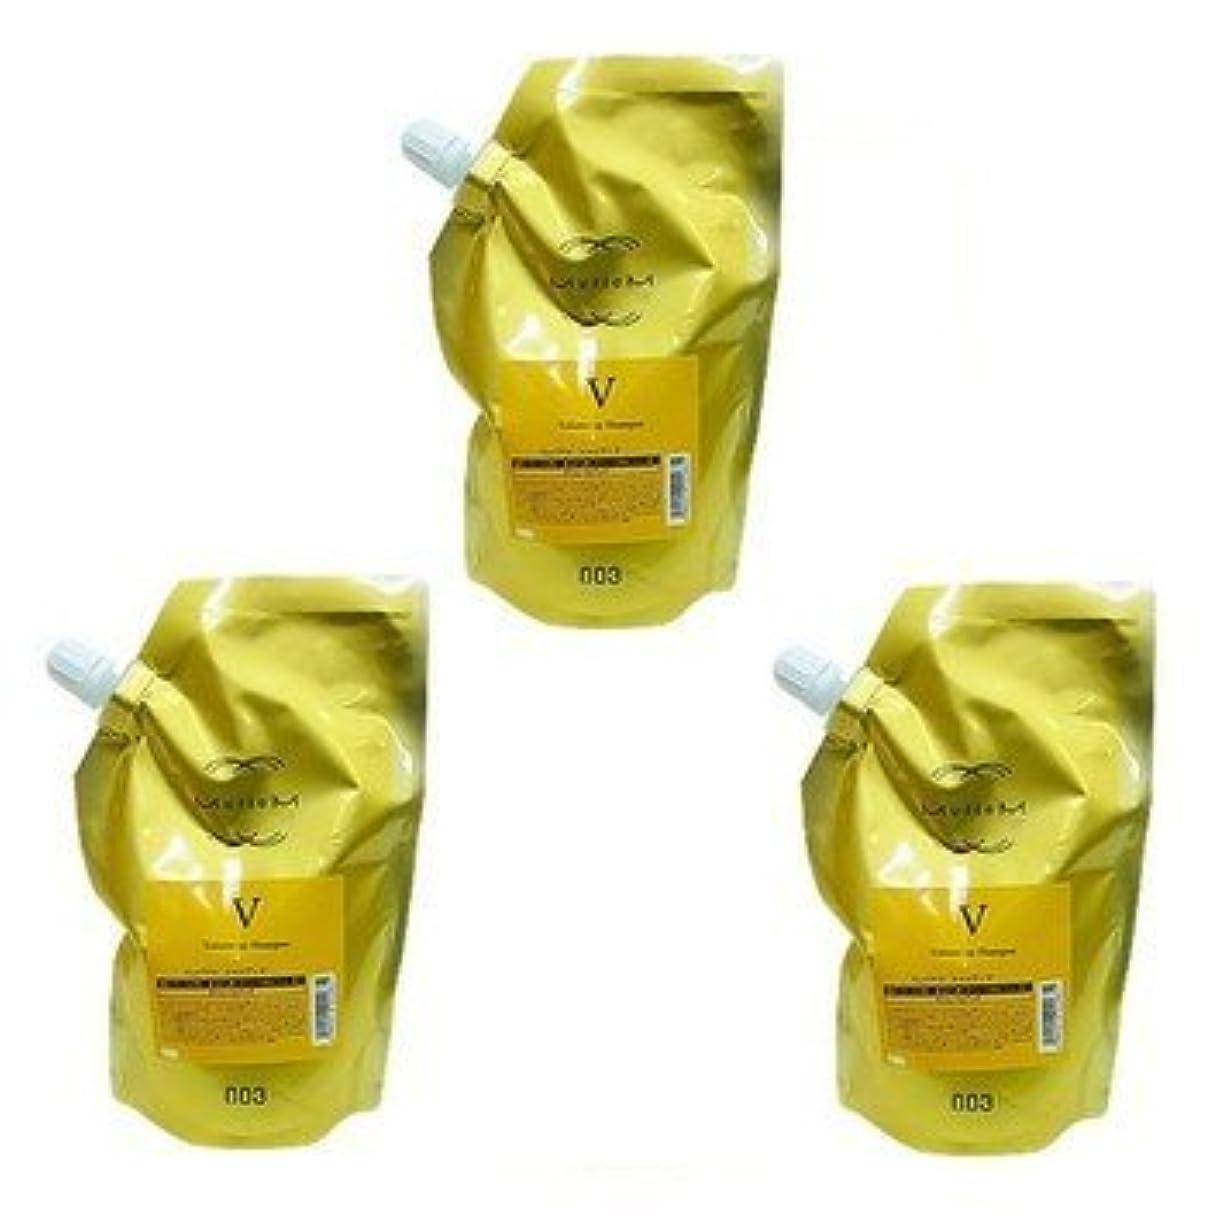 アライメント変更可能修理可能【X3個セット】 ナンバースリー ミュリアム ゴールド シャンプー V 500ml 詰替え用